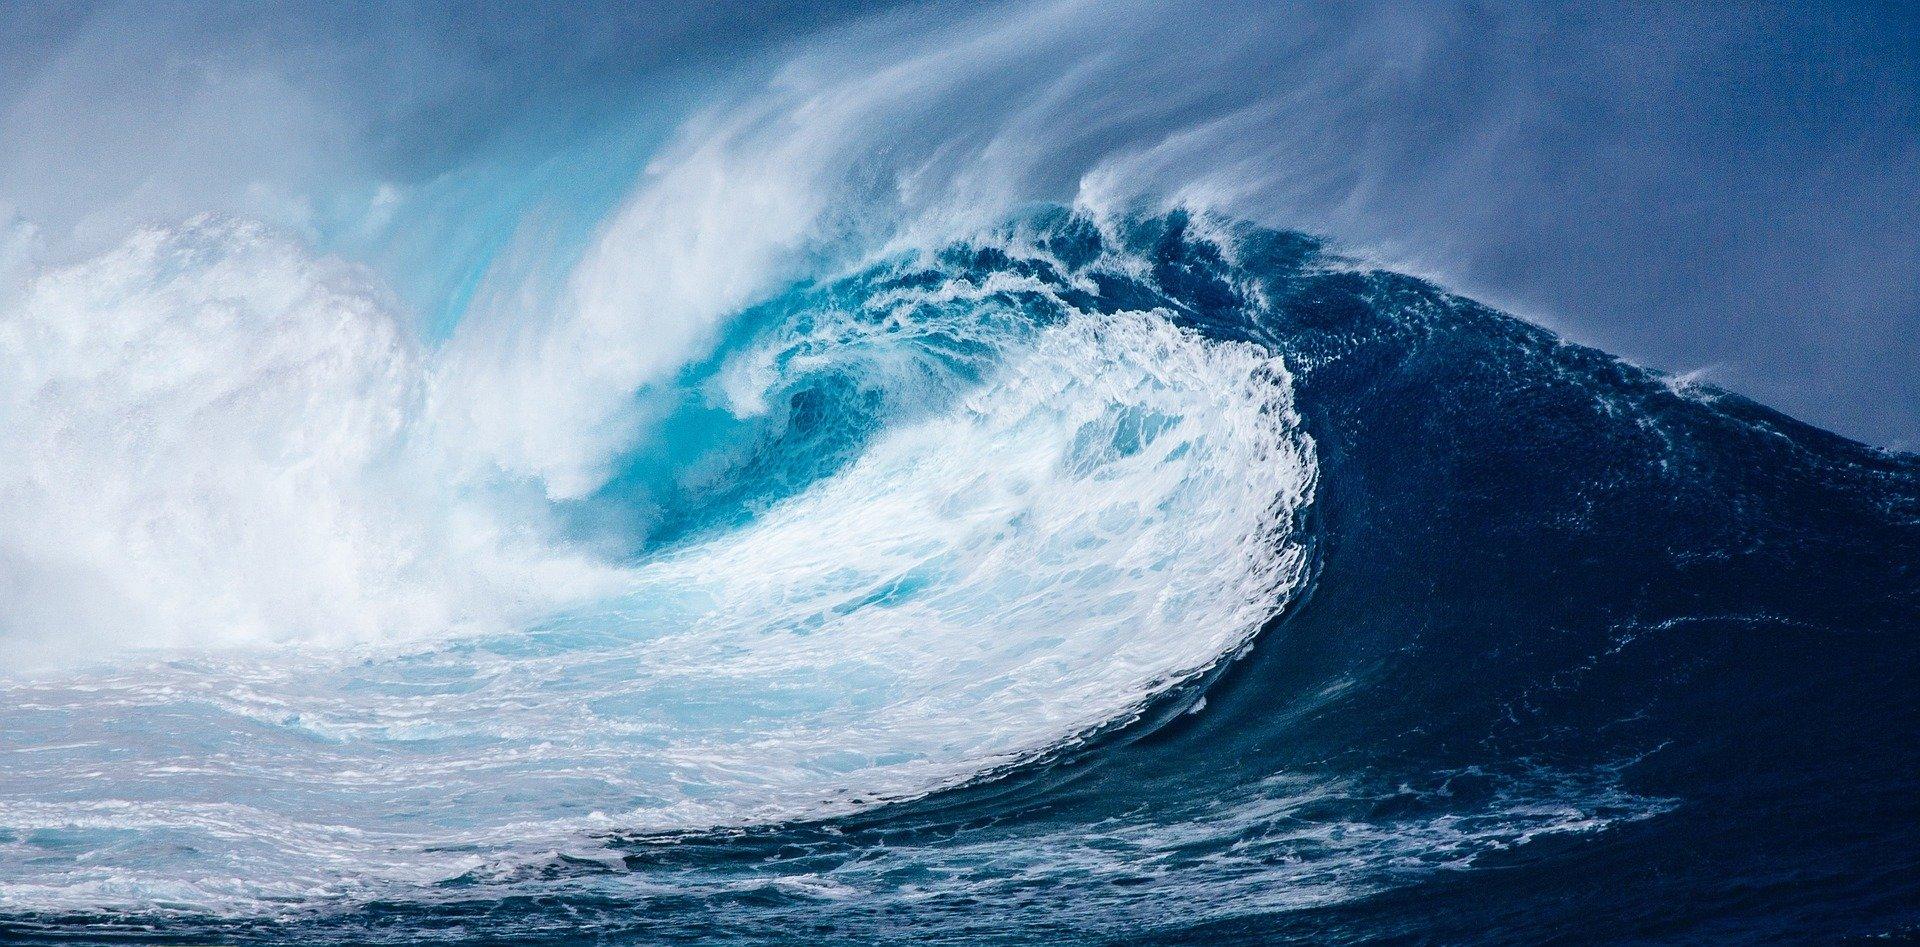 גלים בים. האנרגיה לא מזיזה את החלקיקים, אלא נעה דרכם